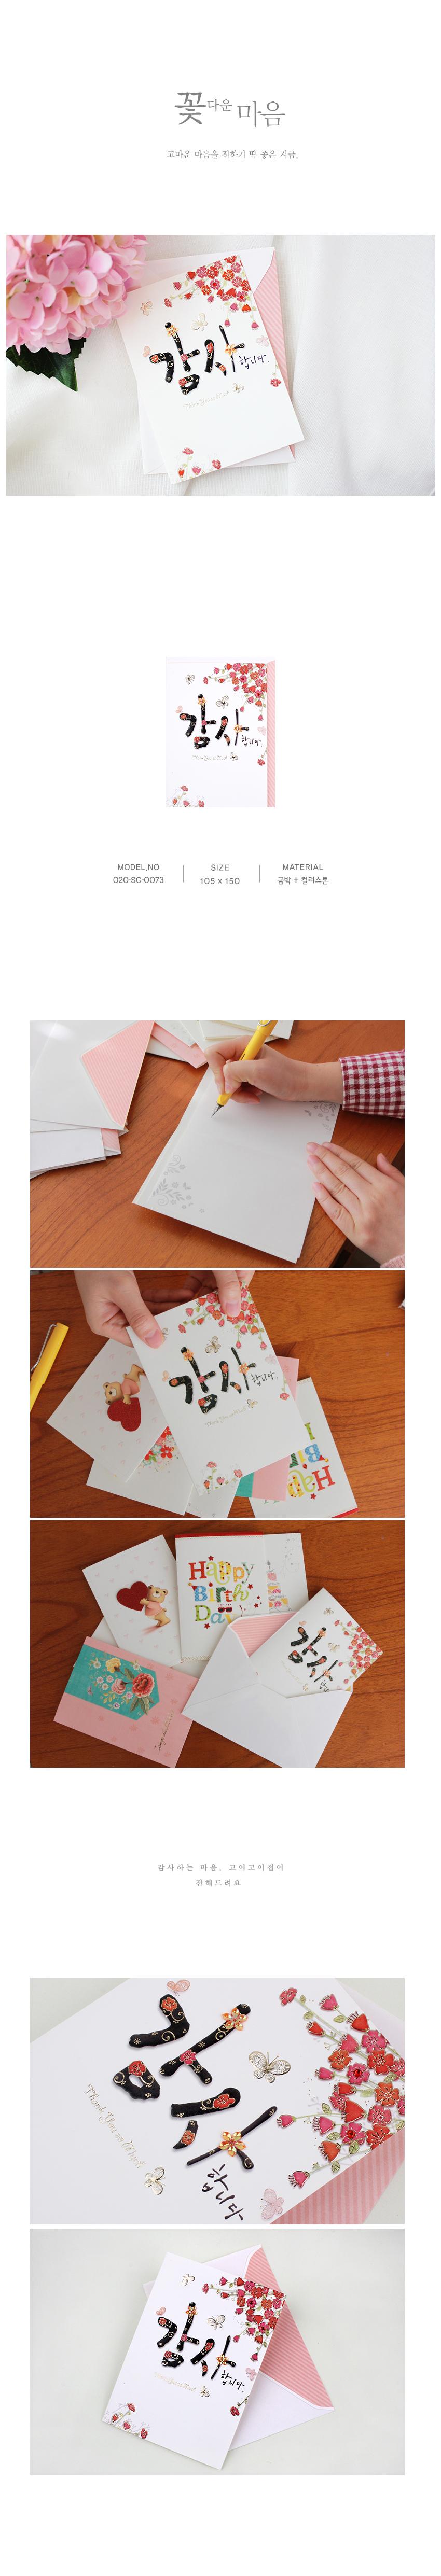 감사합니다카드 (020-SG-0073) - 솜씨카드, 2,000원, 카드, 축하 카드